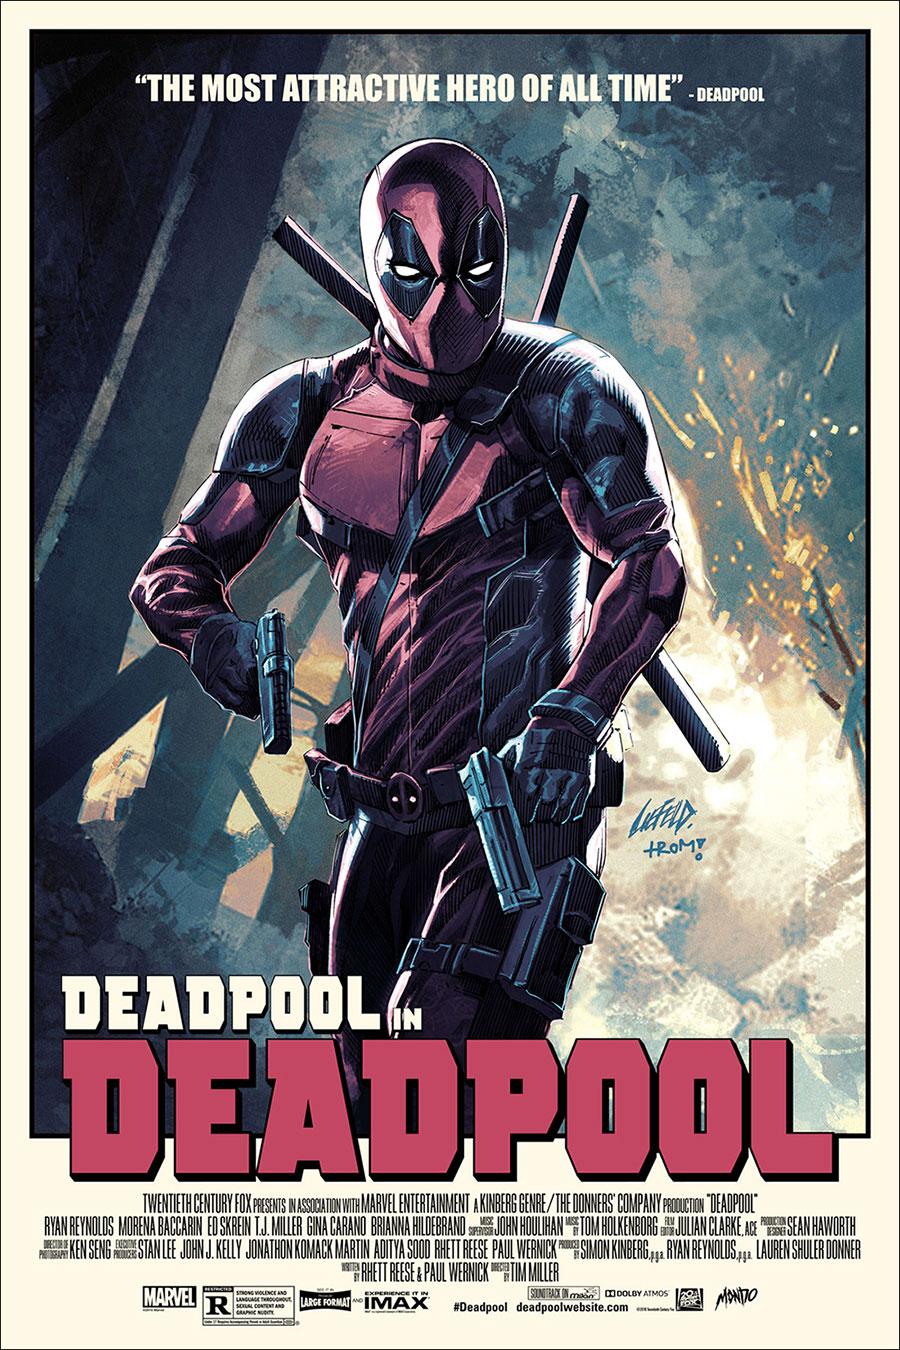 Deadpool variant